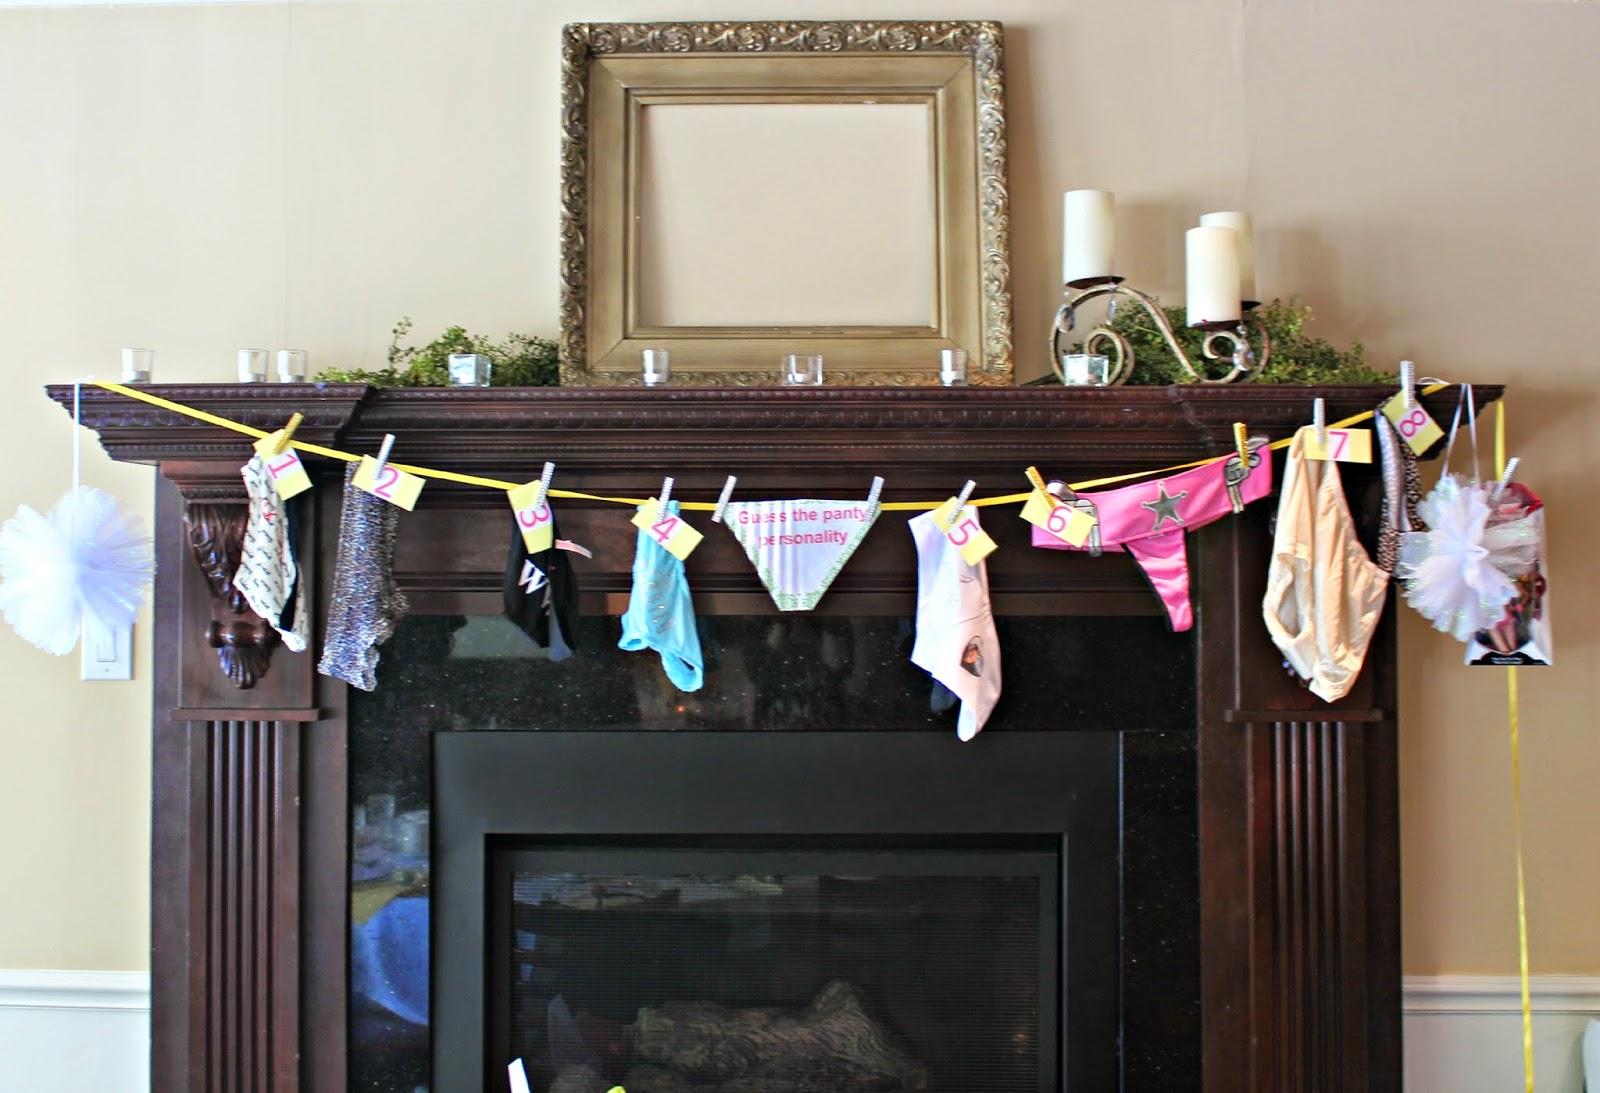 bridal shower panty line